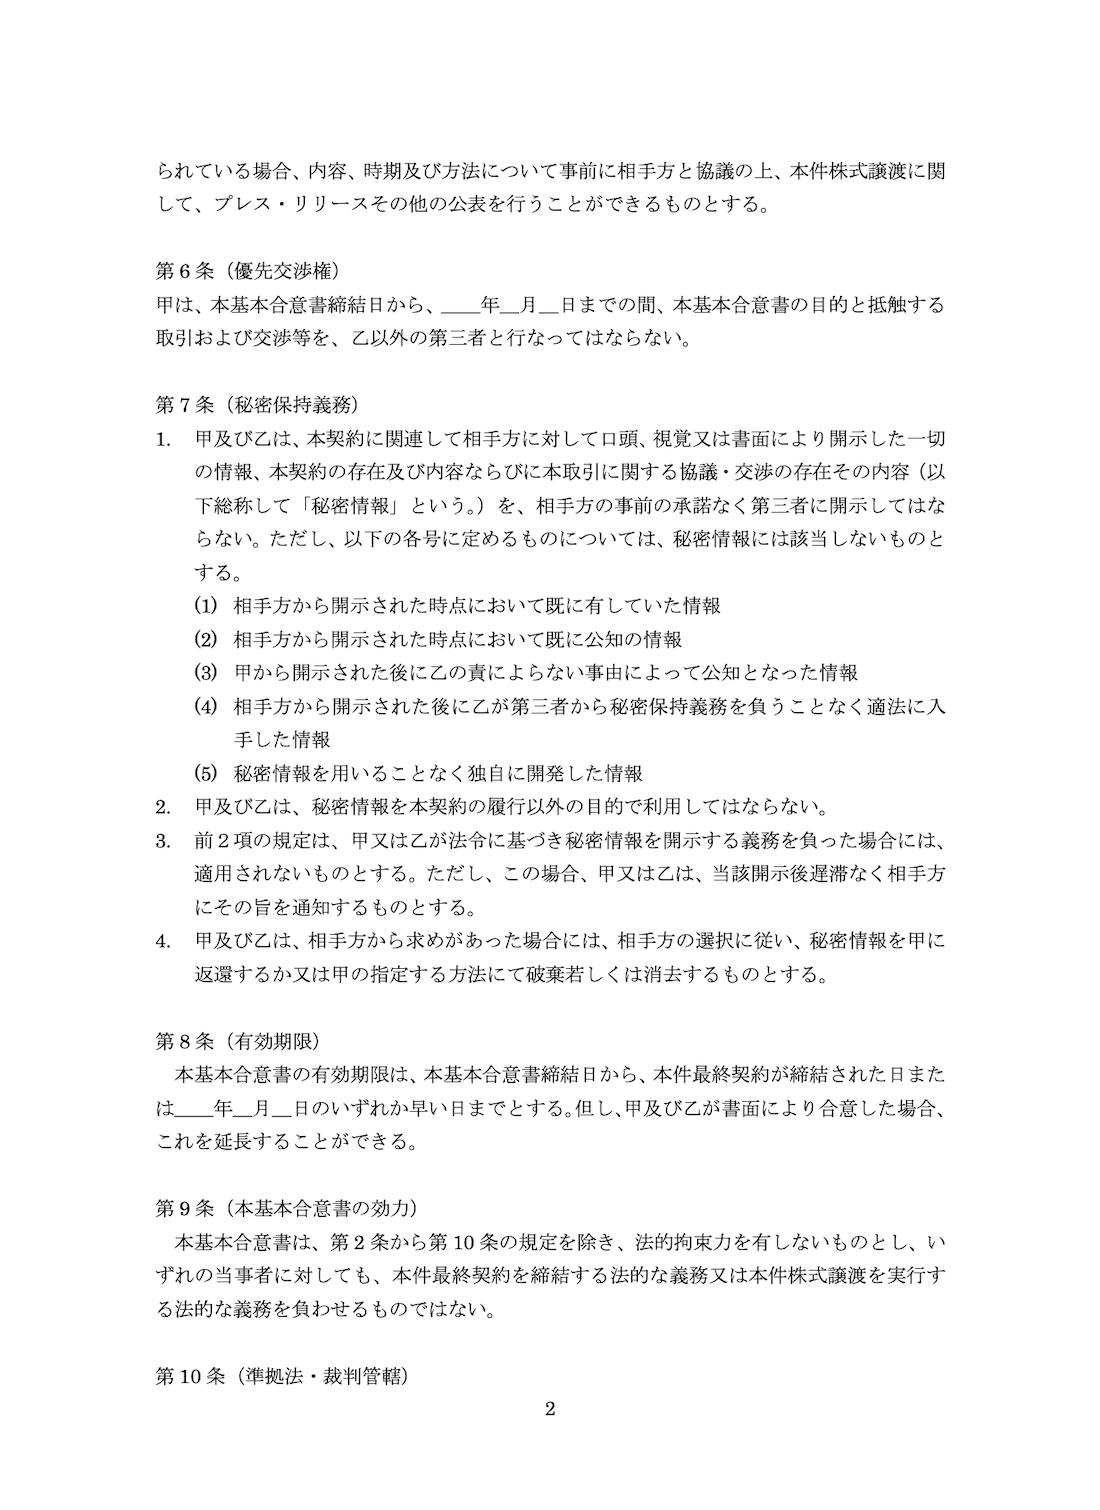 基本合意書(2)